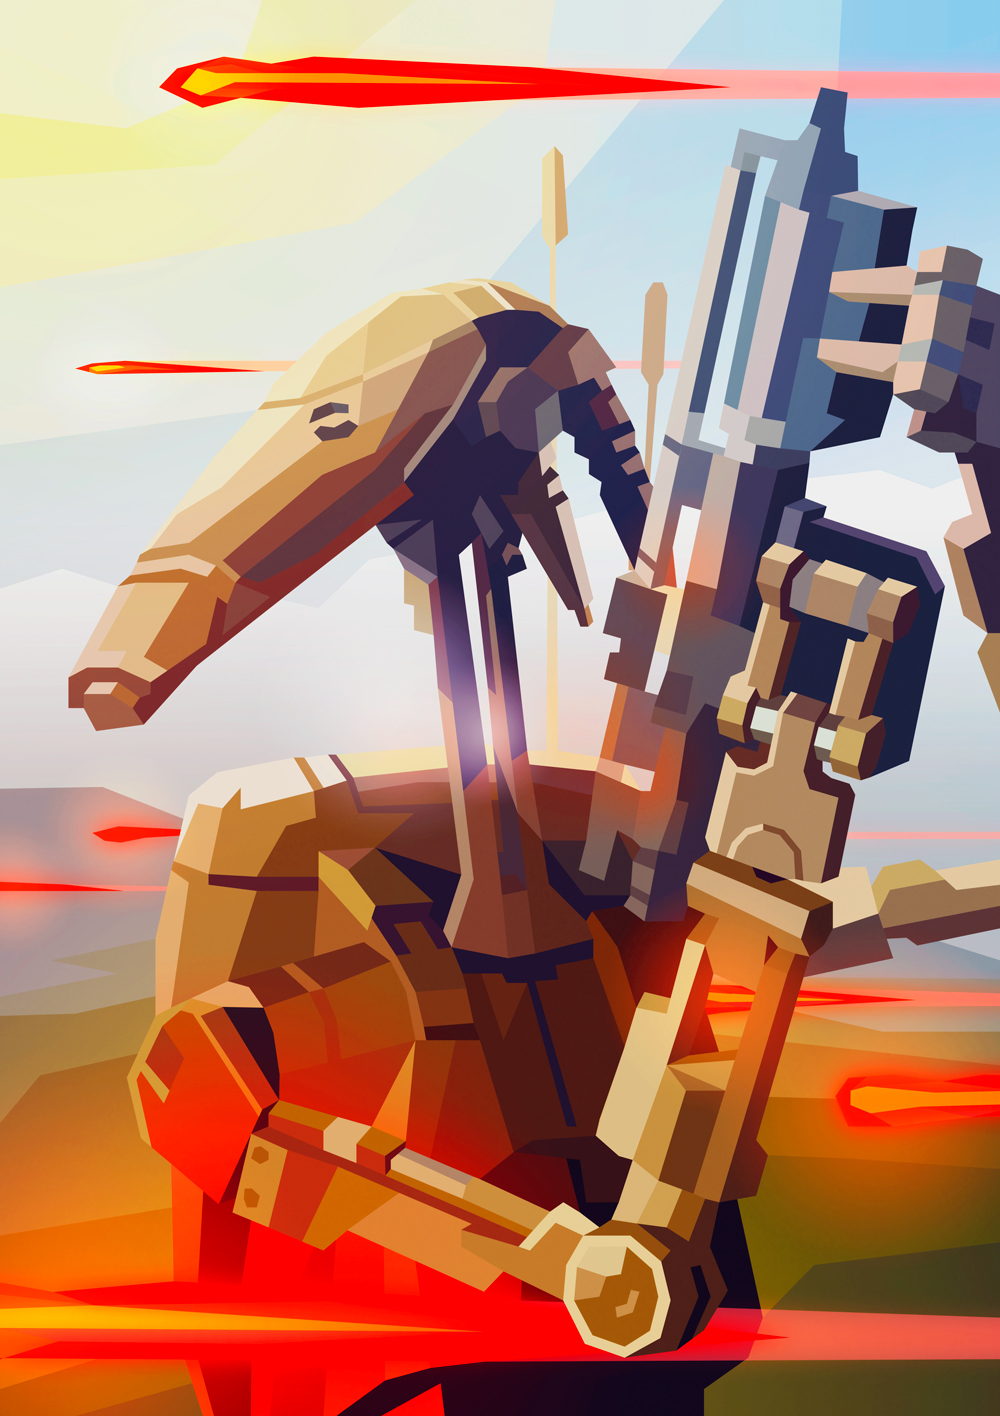 Battle-Droid-web.jpg